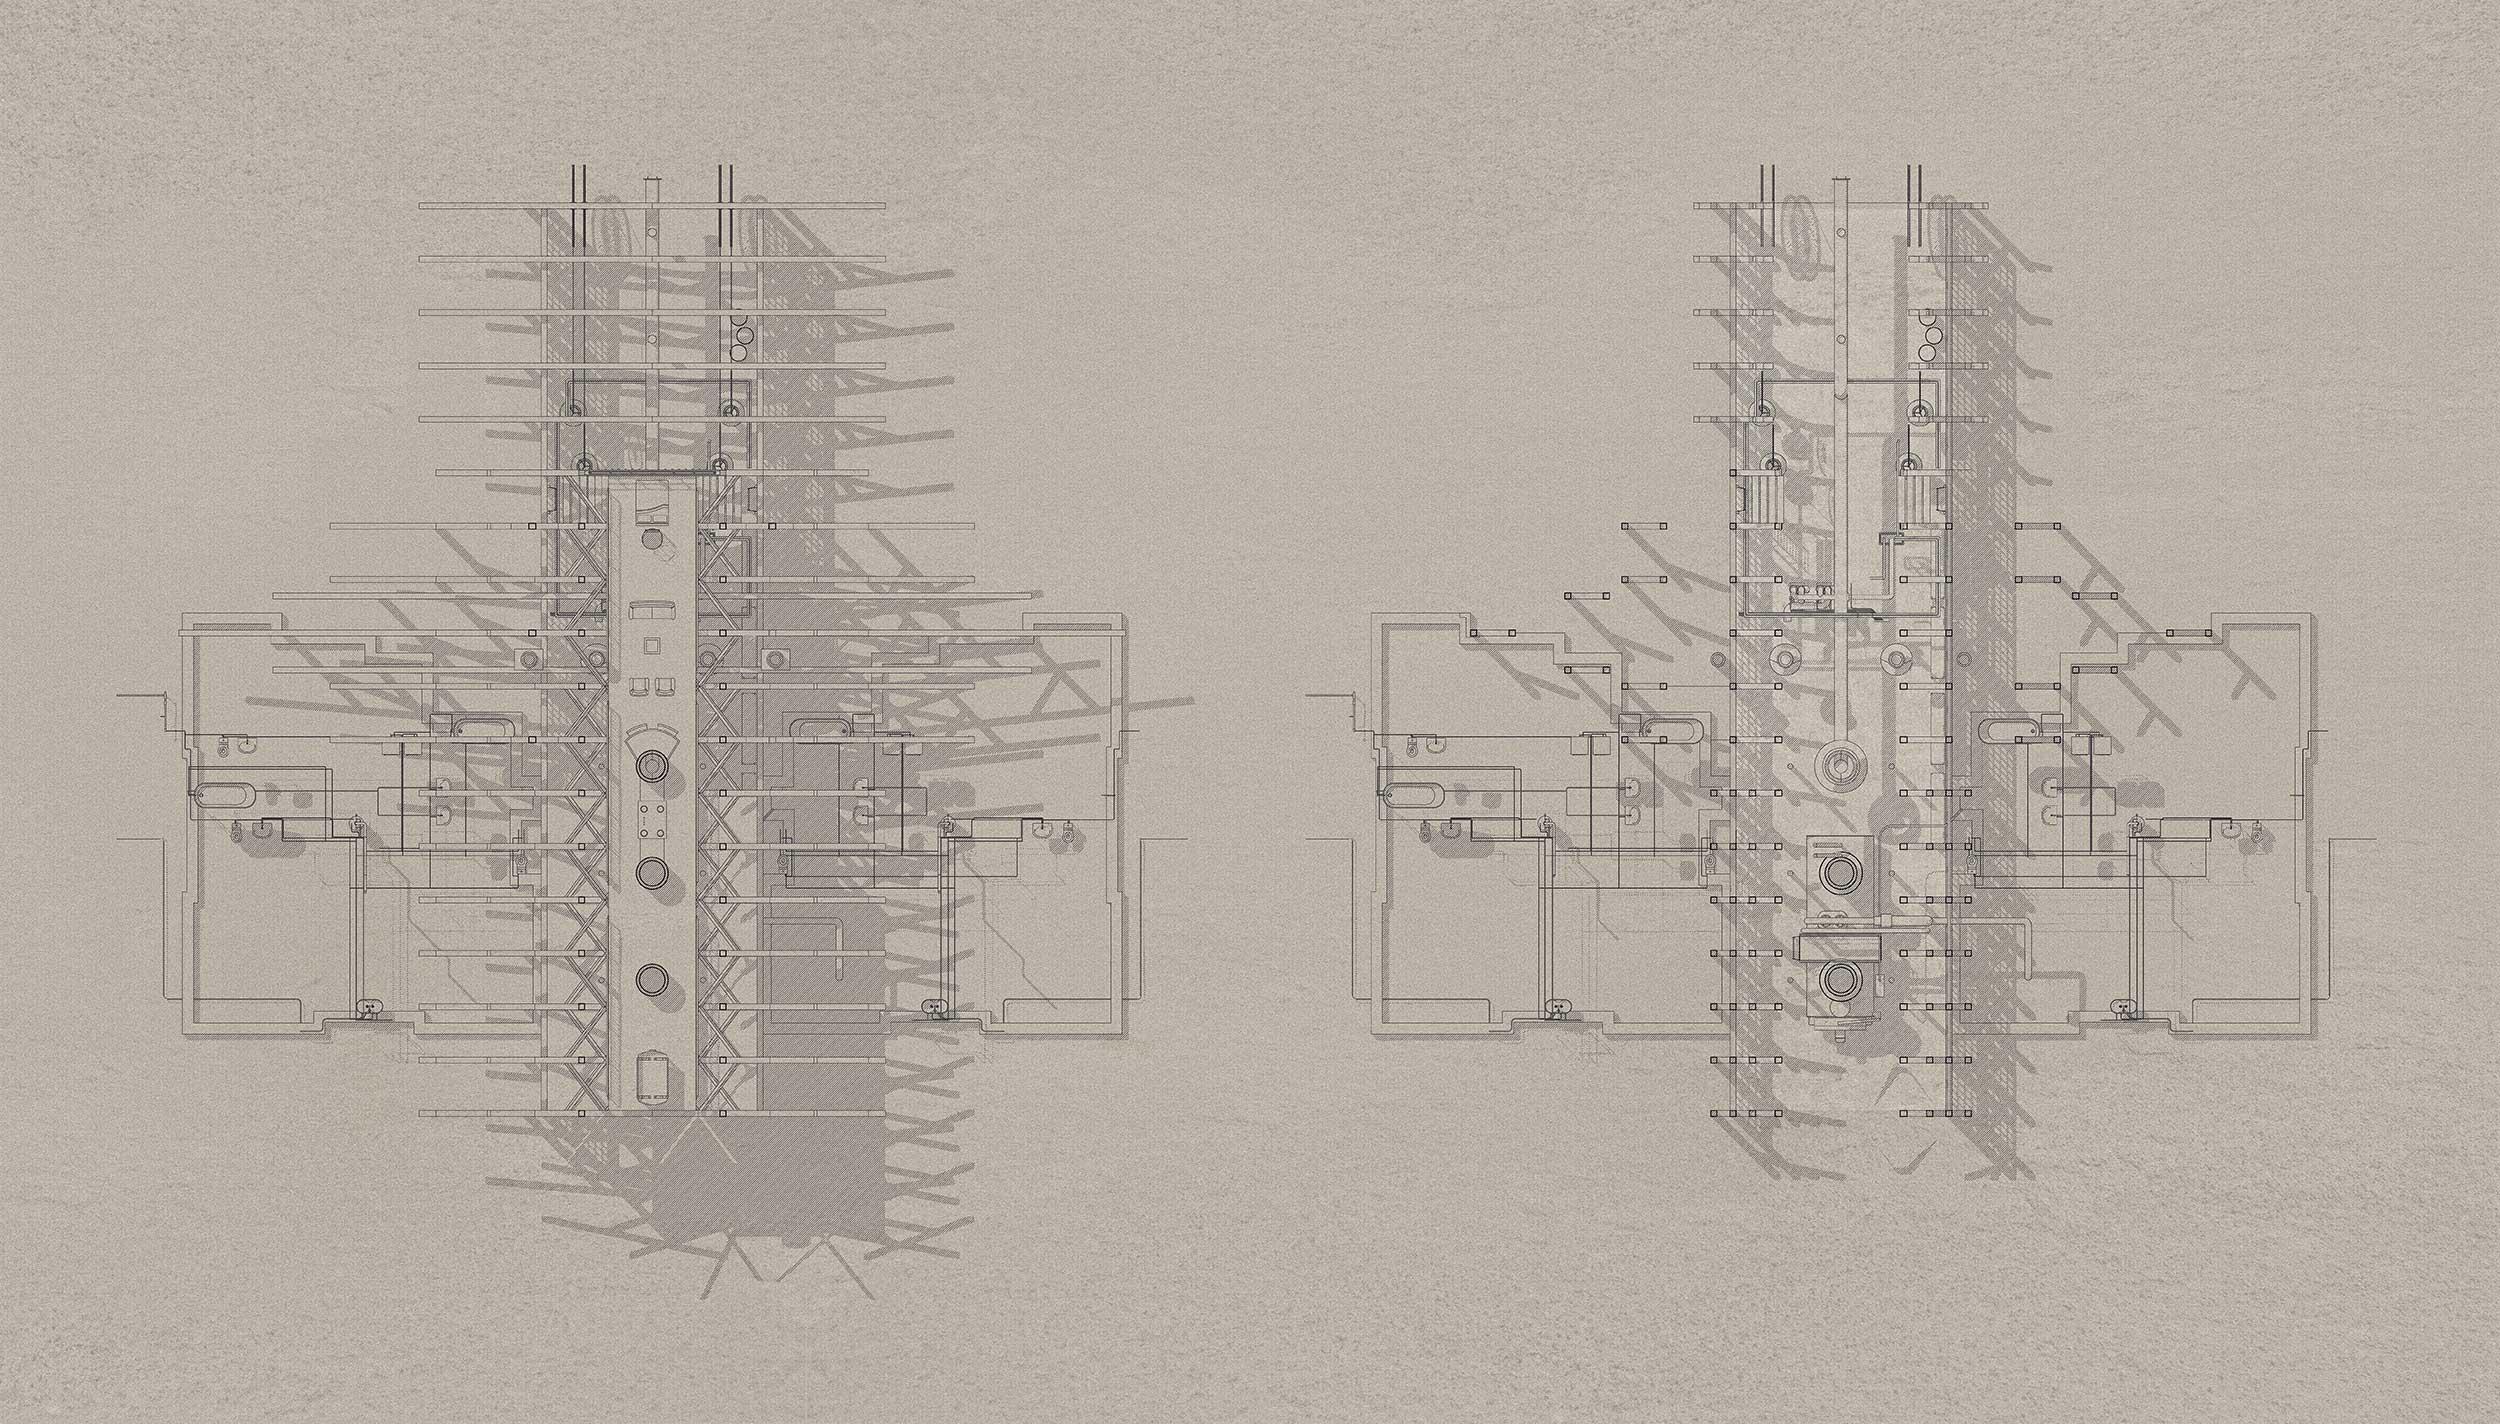 retrofitting-the-american-dream-archillusion-desgin-11.jpg